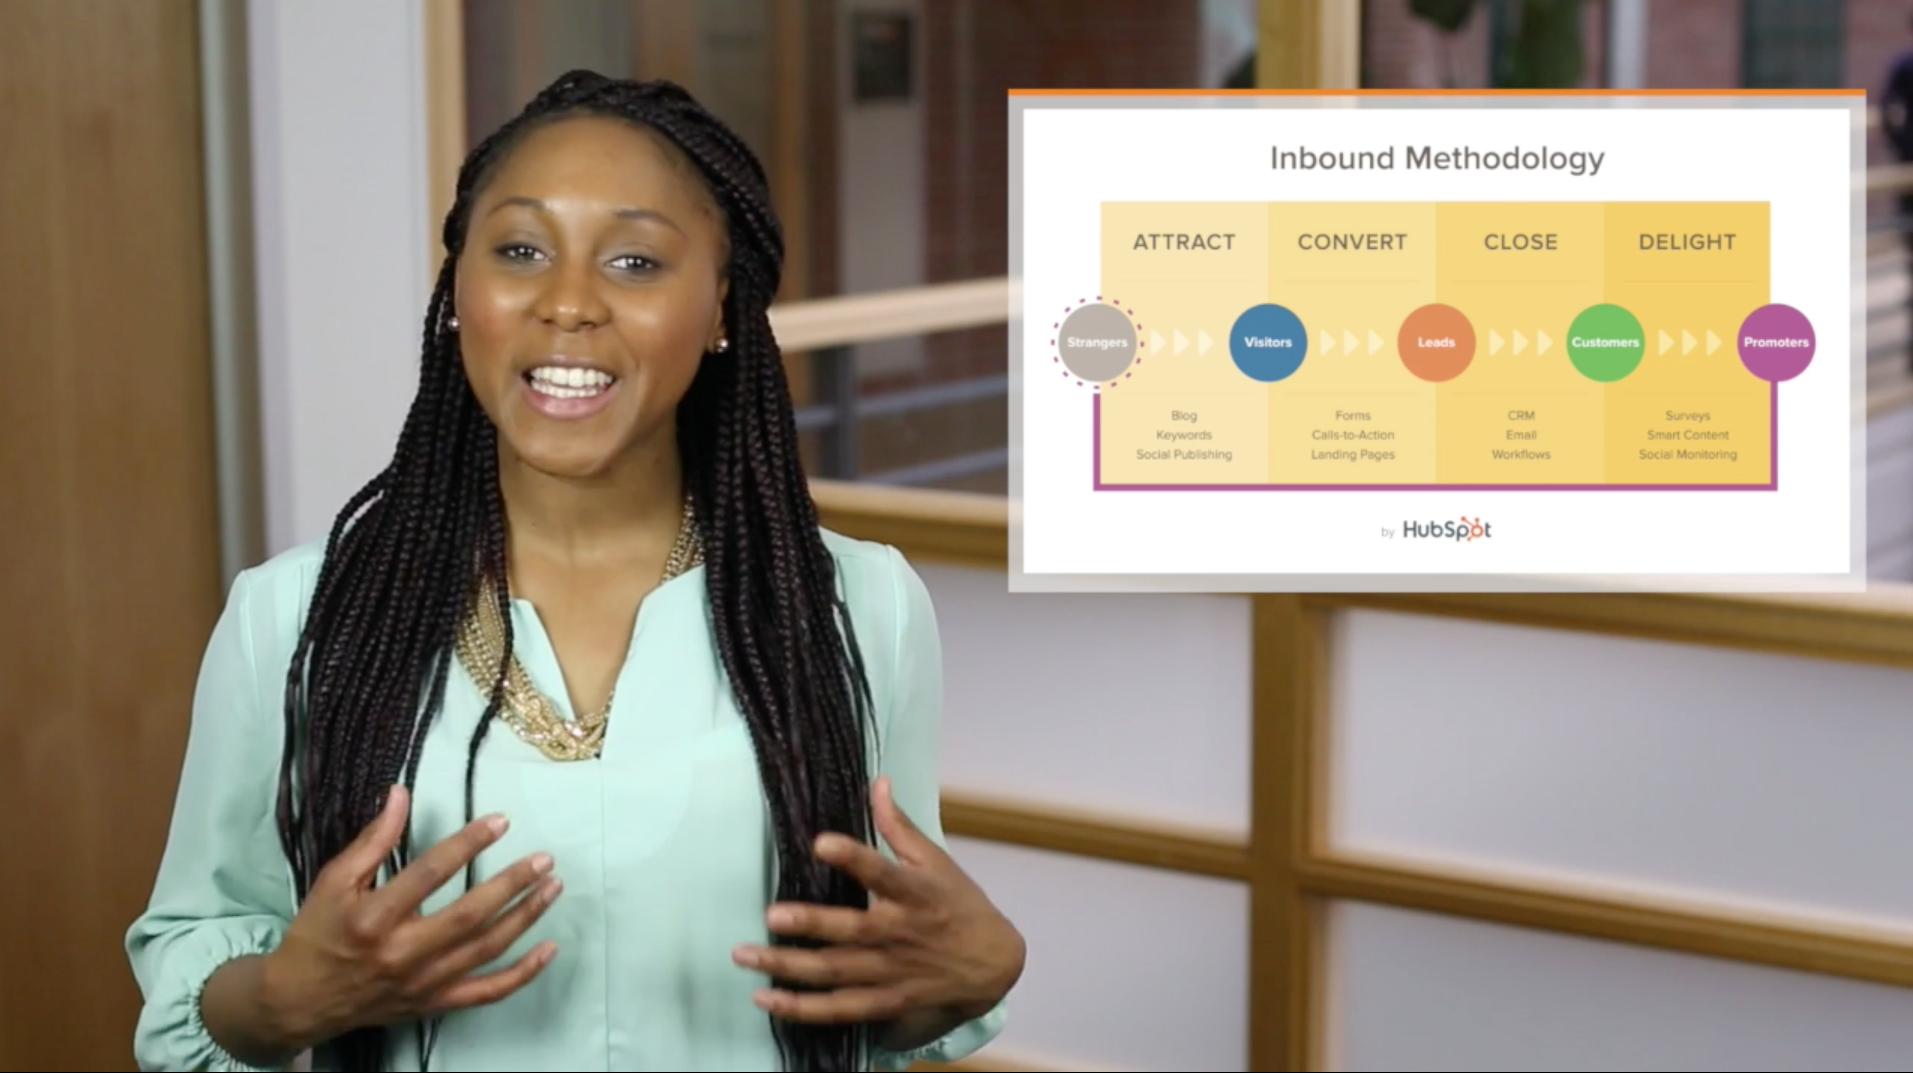 Social Media Training Video from HubSpot